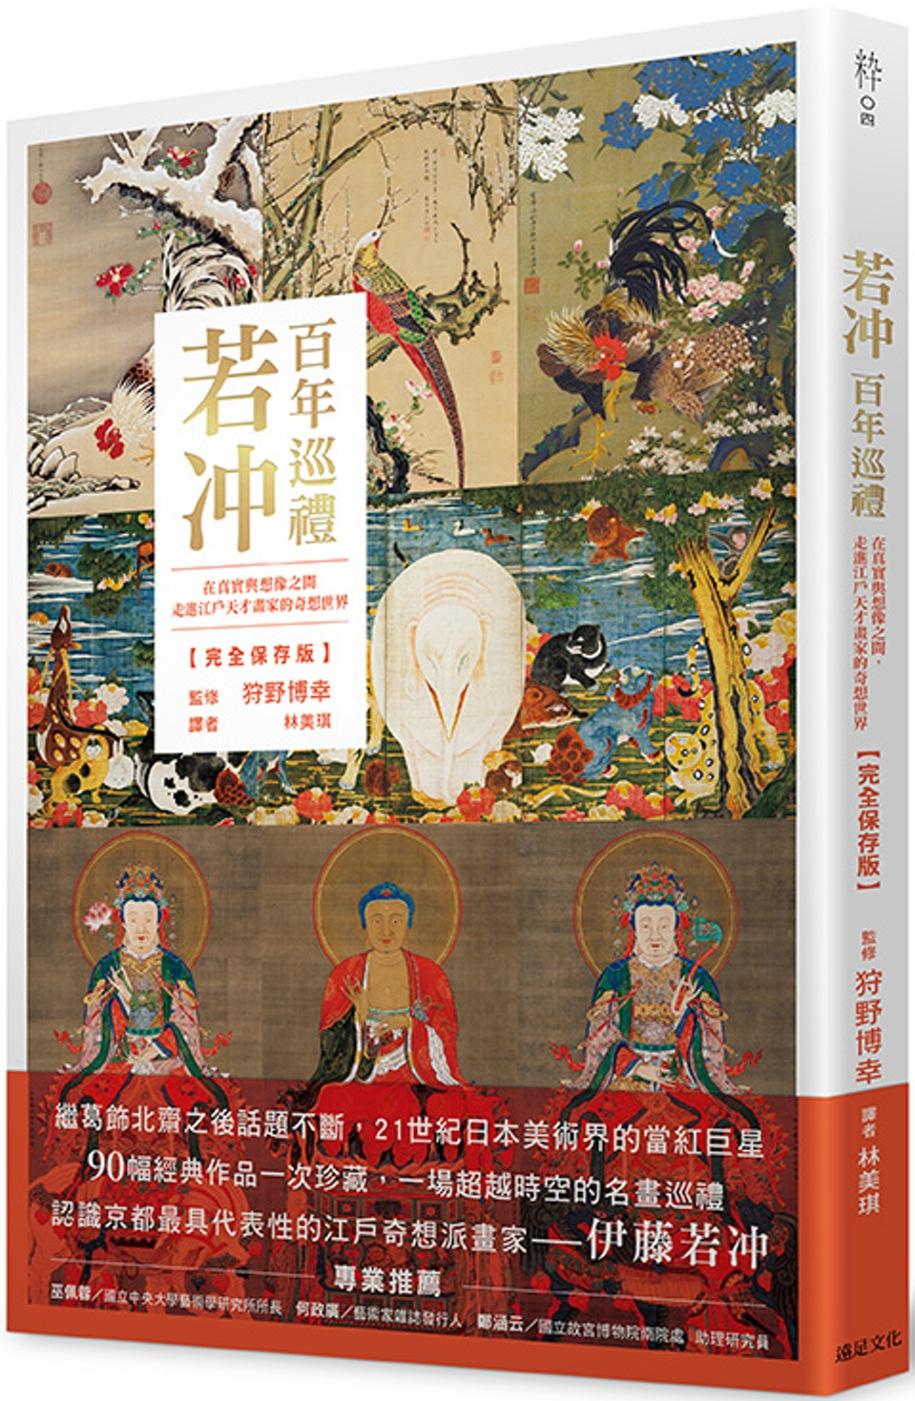 若冲 百年巡禮:在真實與想像之間,走進江戶天才畫家的奇想世界【完全保存版】